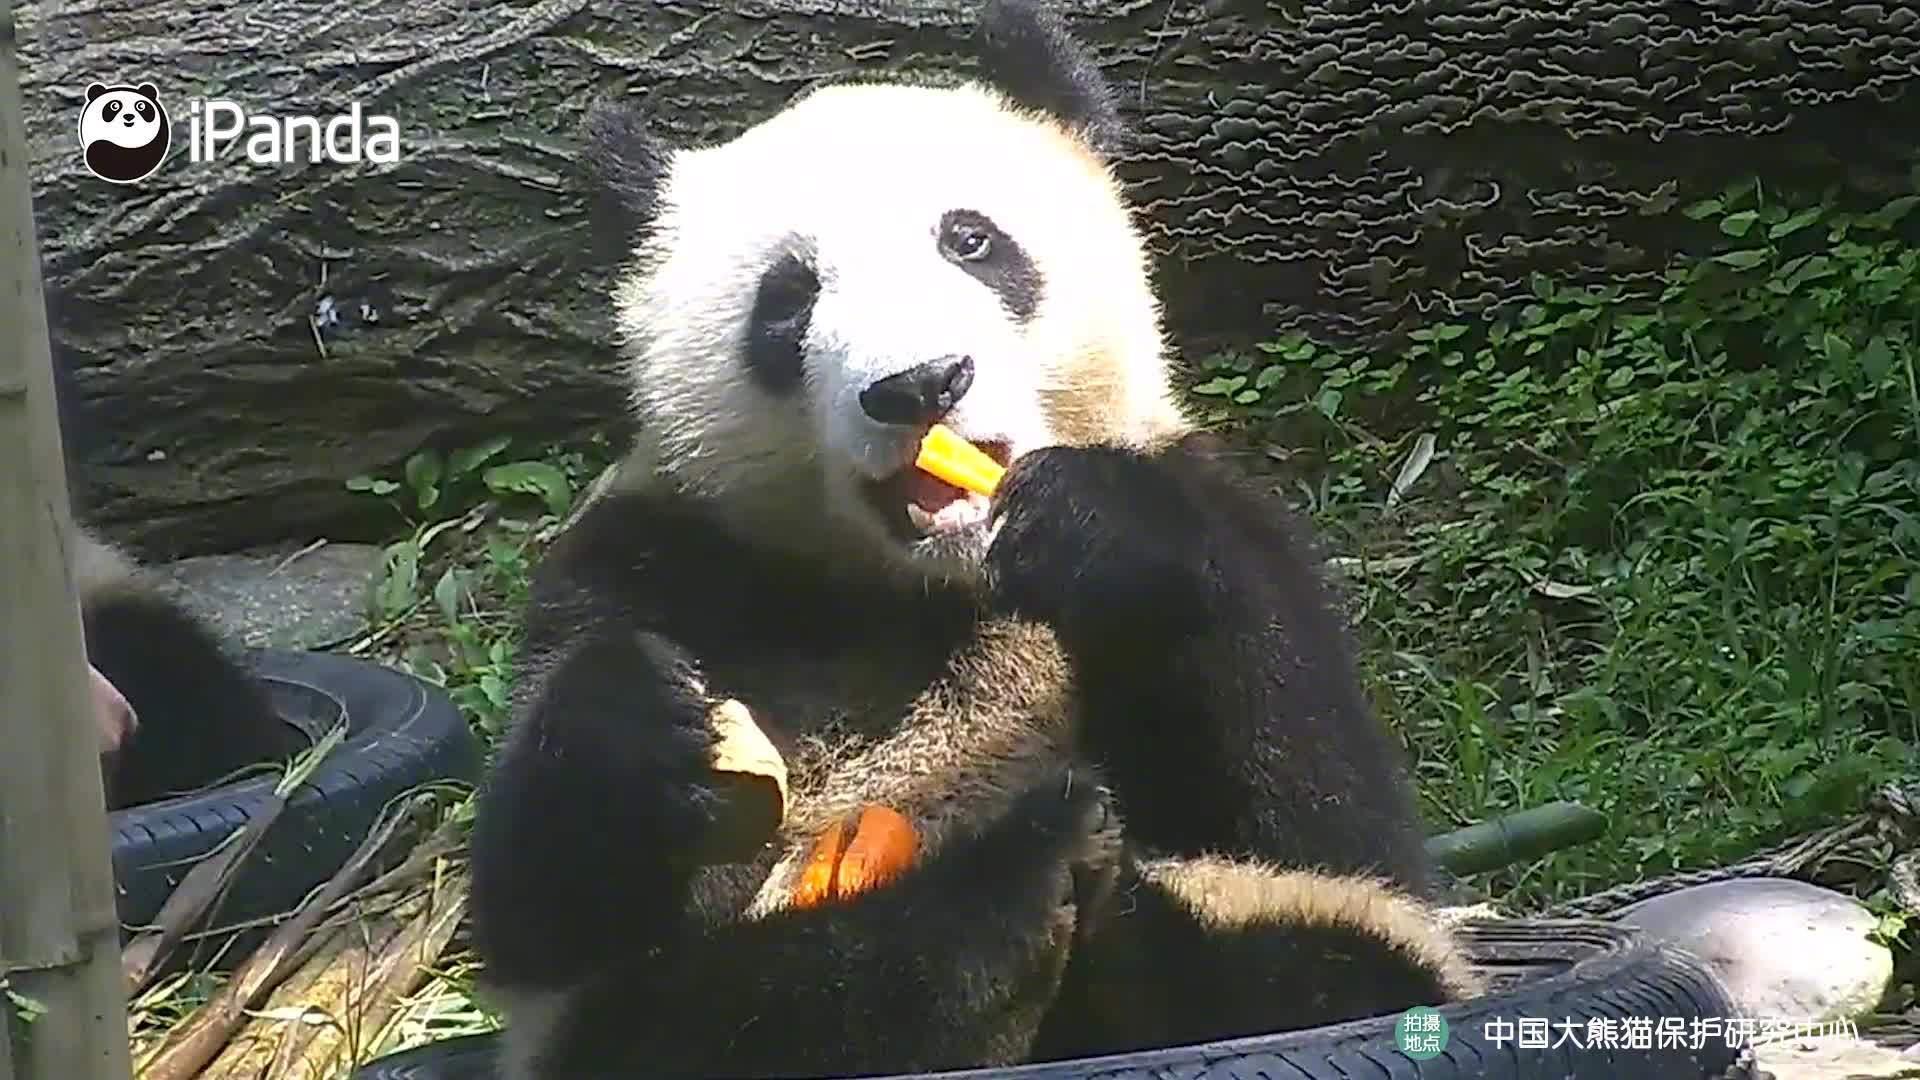 美食时间,请勿打扰~ 大口大口吃饭,享受这日光浴……